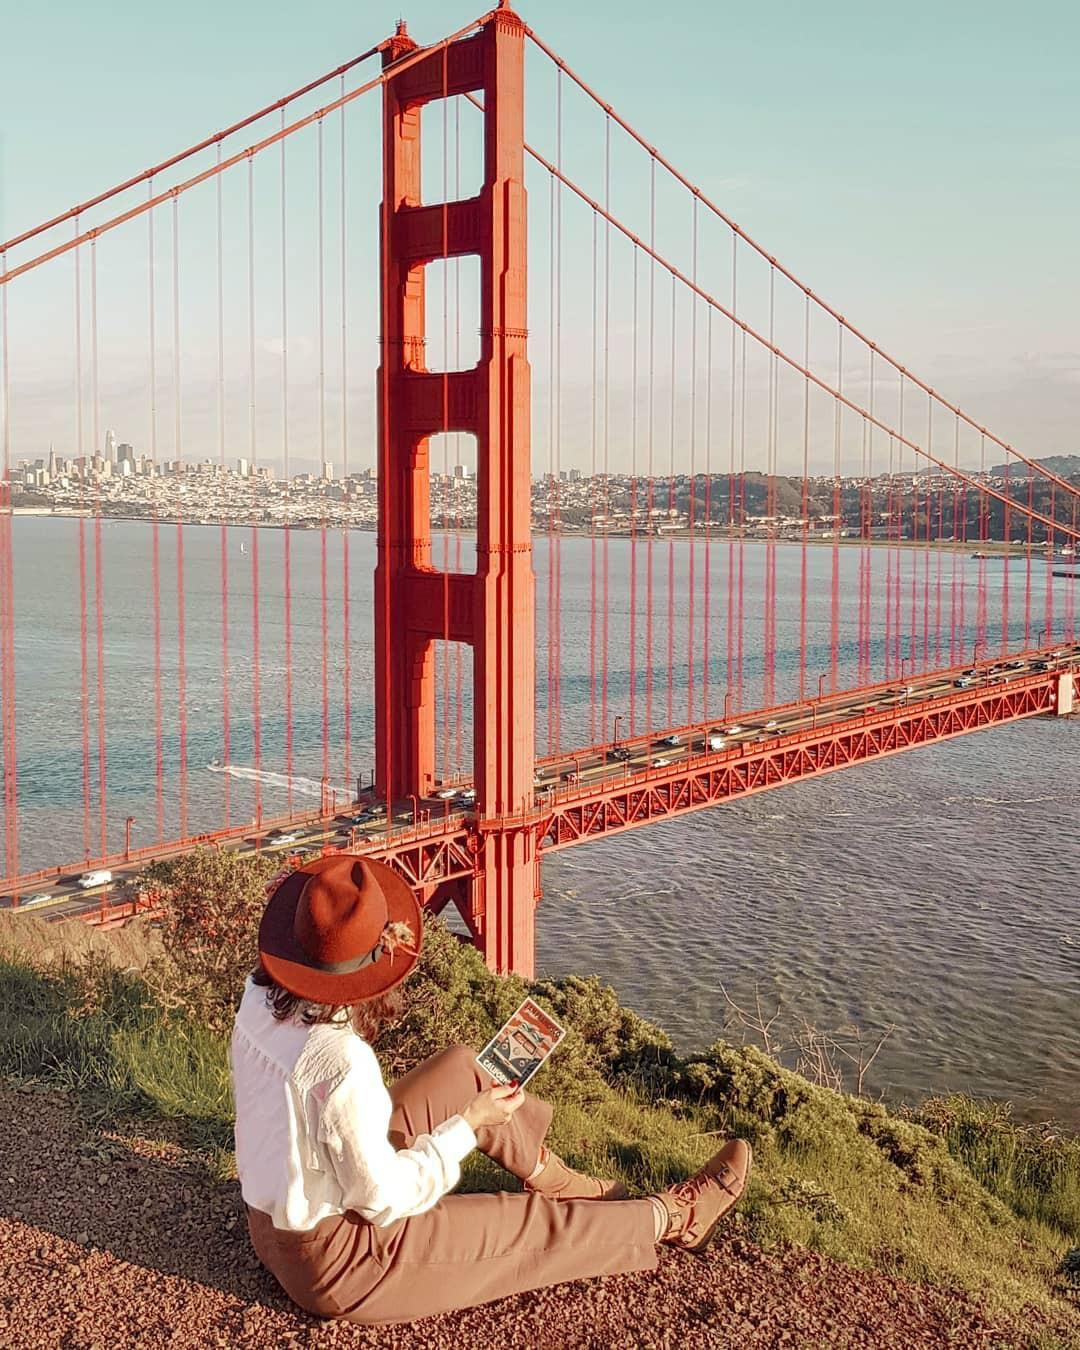 Lên hình đẹp là thế nhưng ít ai biết cây cầu này lại được mệnh danh là bãi tự sát của nước Mỹ - Ảnh 7.